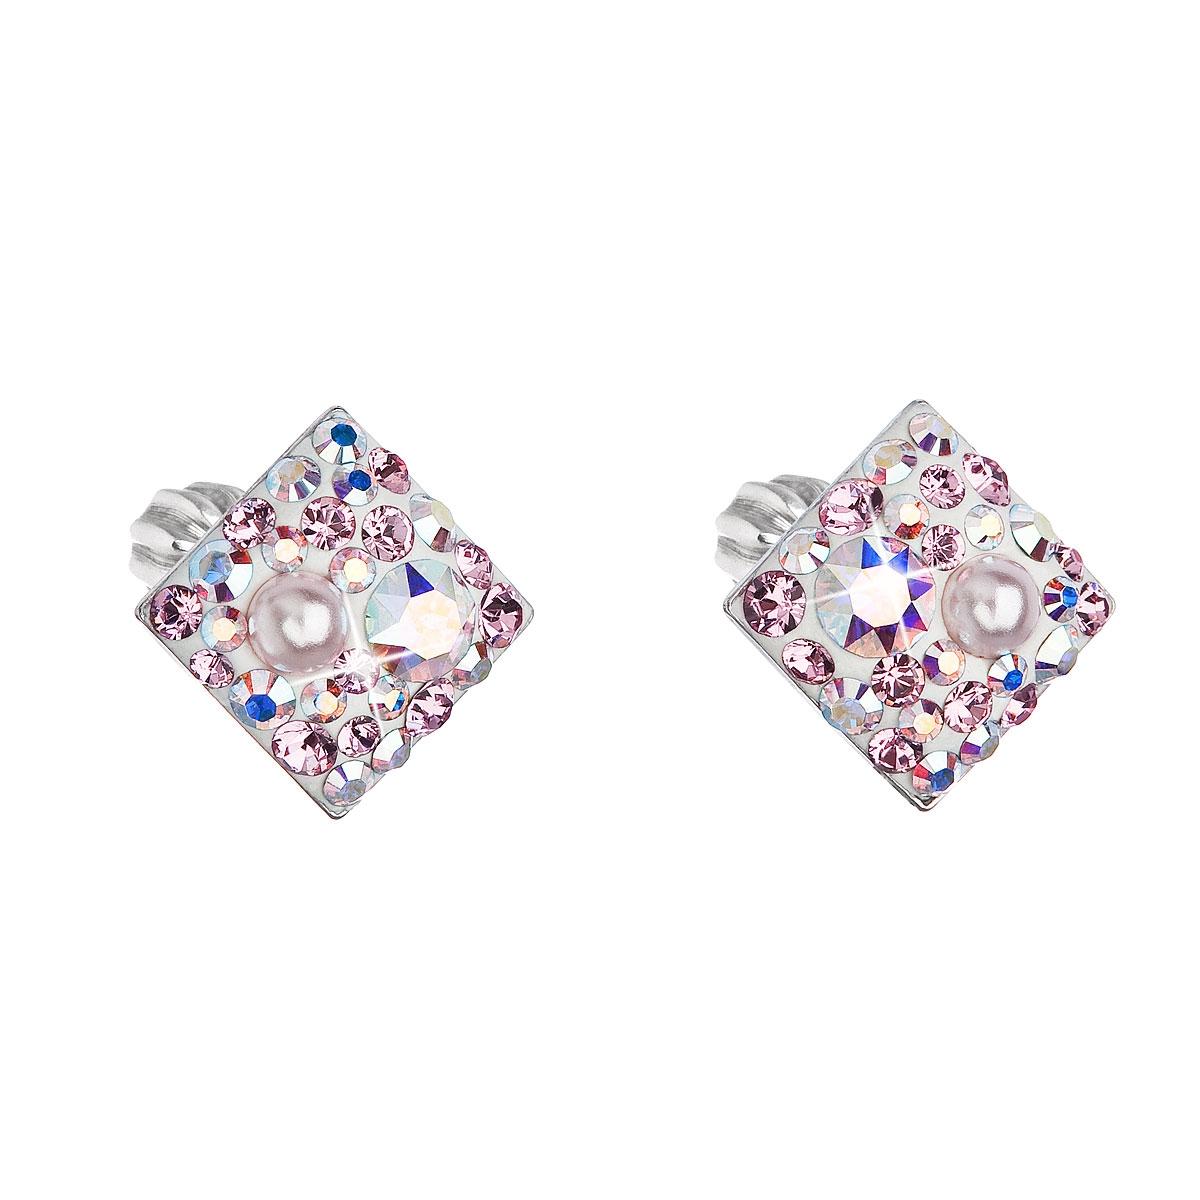 Stříbrné šroubovací náušnice s krystaly Crystals from Swarovski®, Rose AB EG2006-ROAB